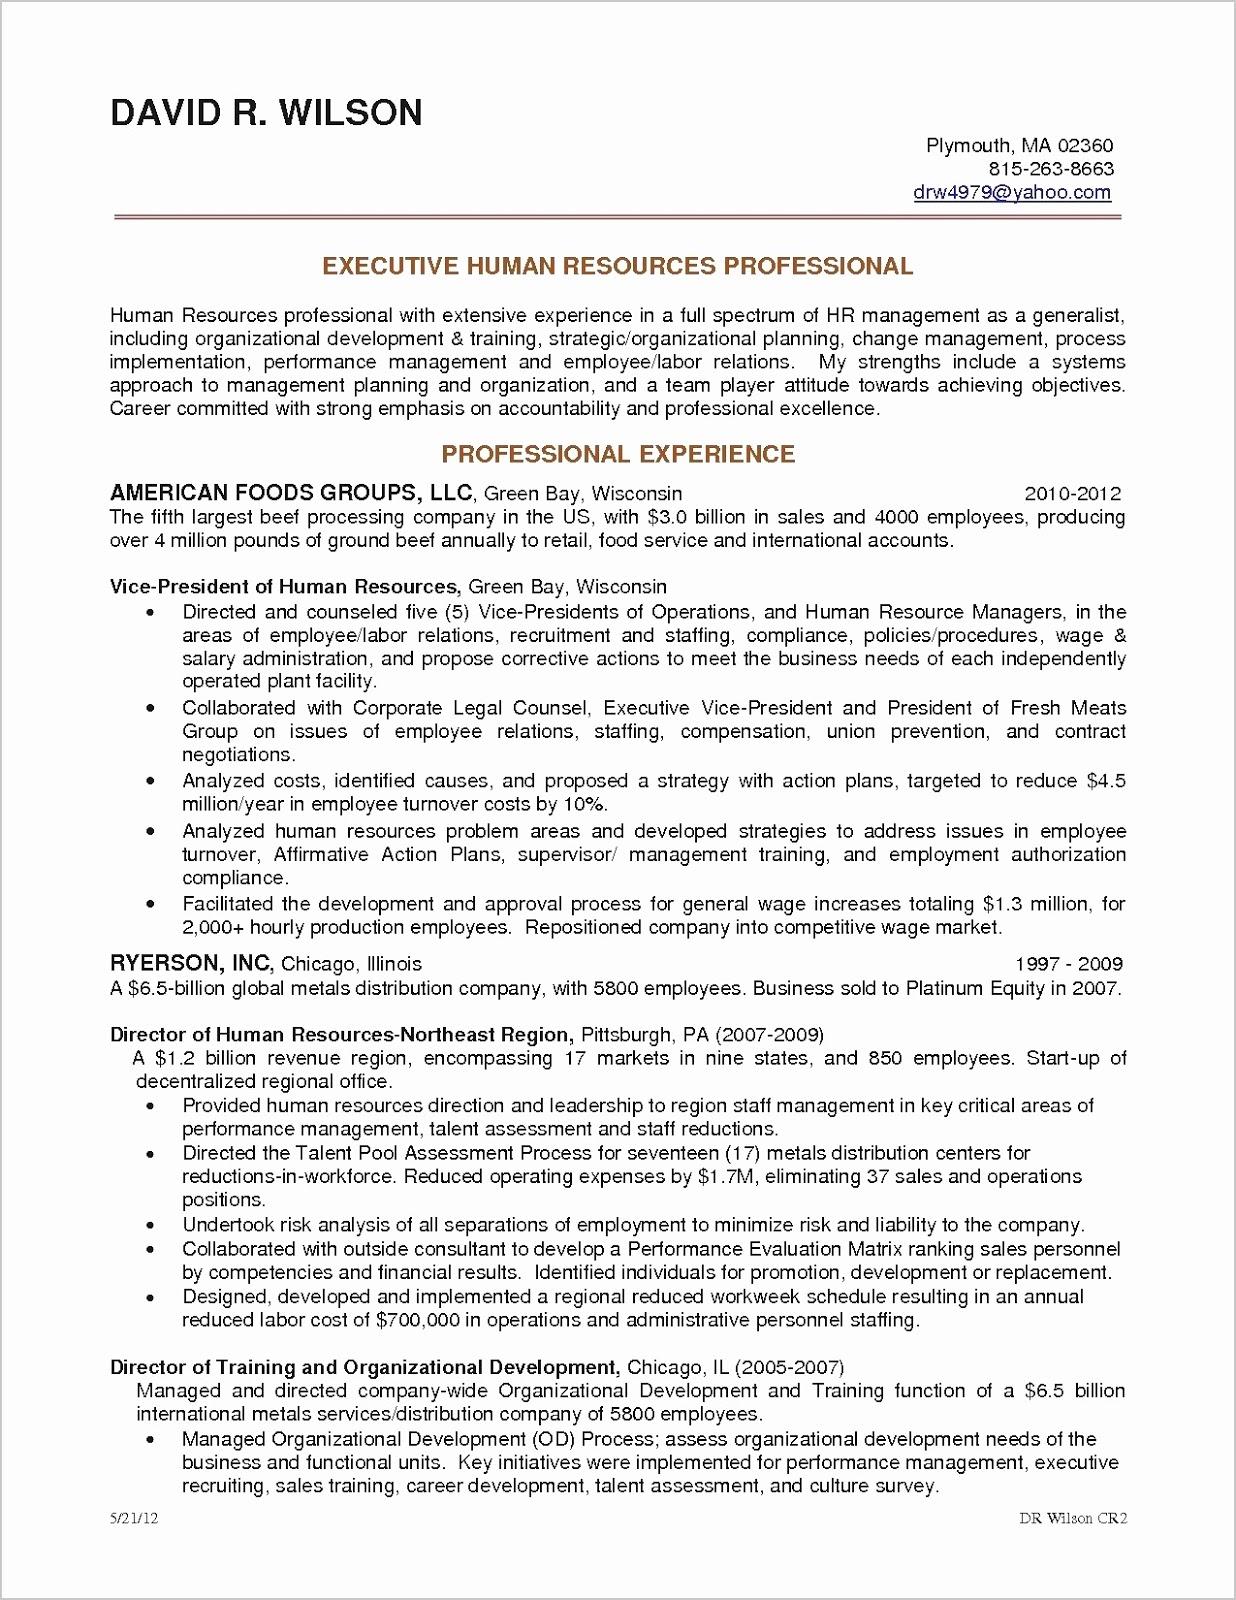 Administrative Assistant Job Description, 2019, administrative assistant job description resume, 2020, administrative assistant job description sample, administrative assistant job descriptions